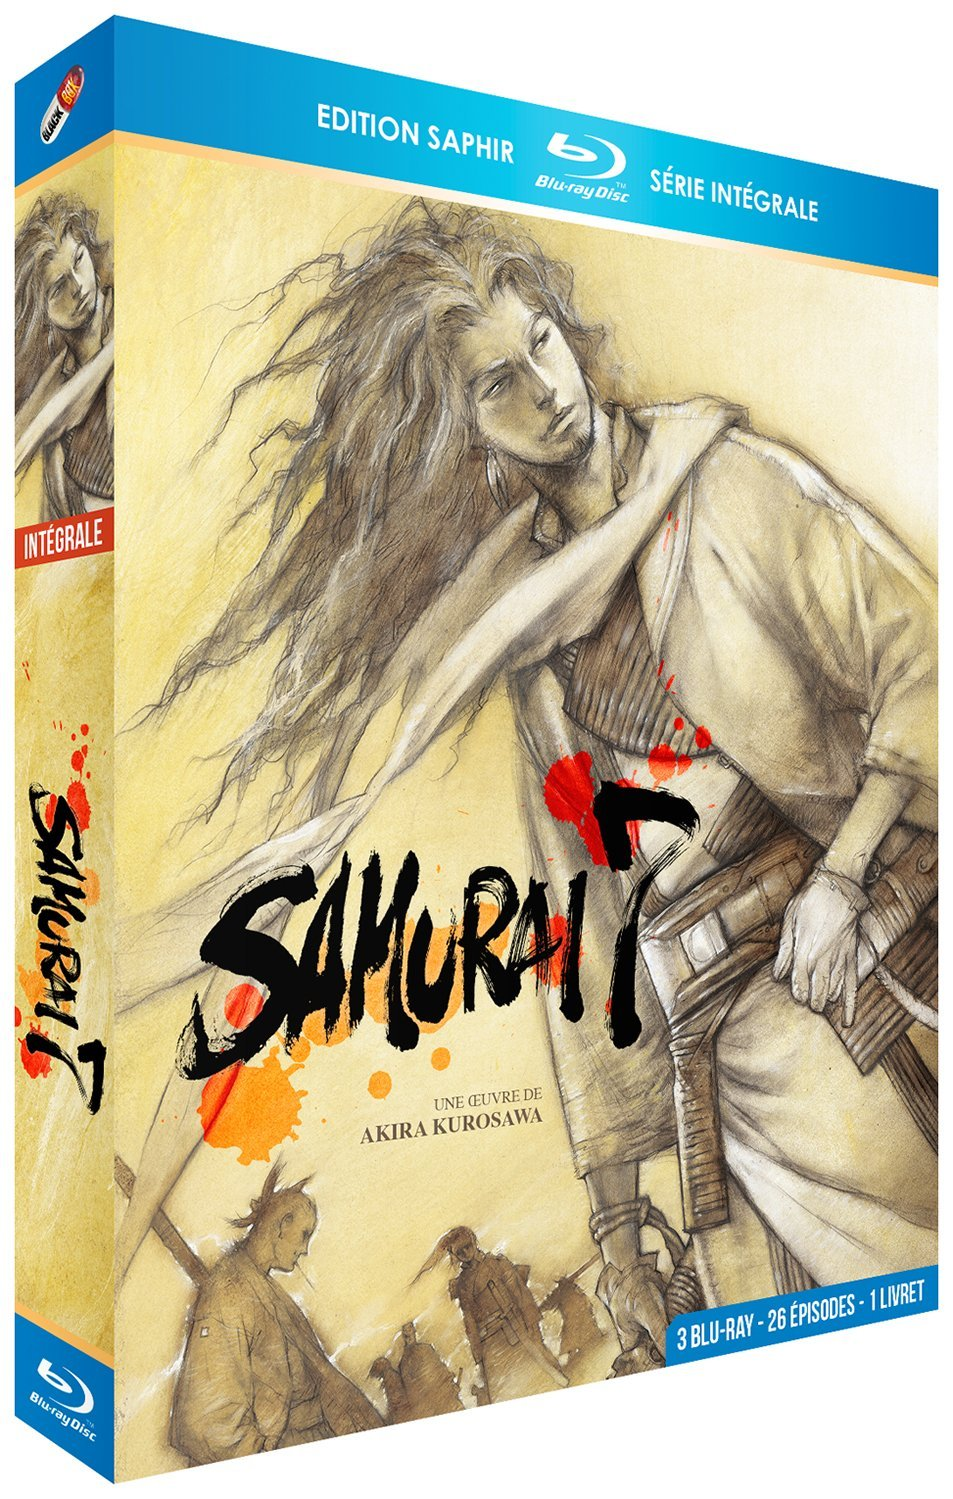 Samurai 7 Série TV animée